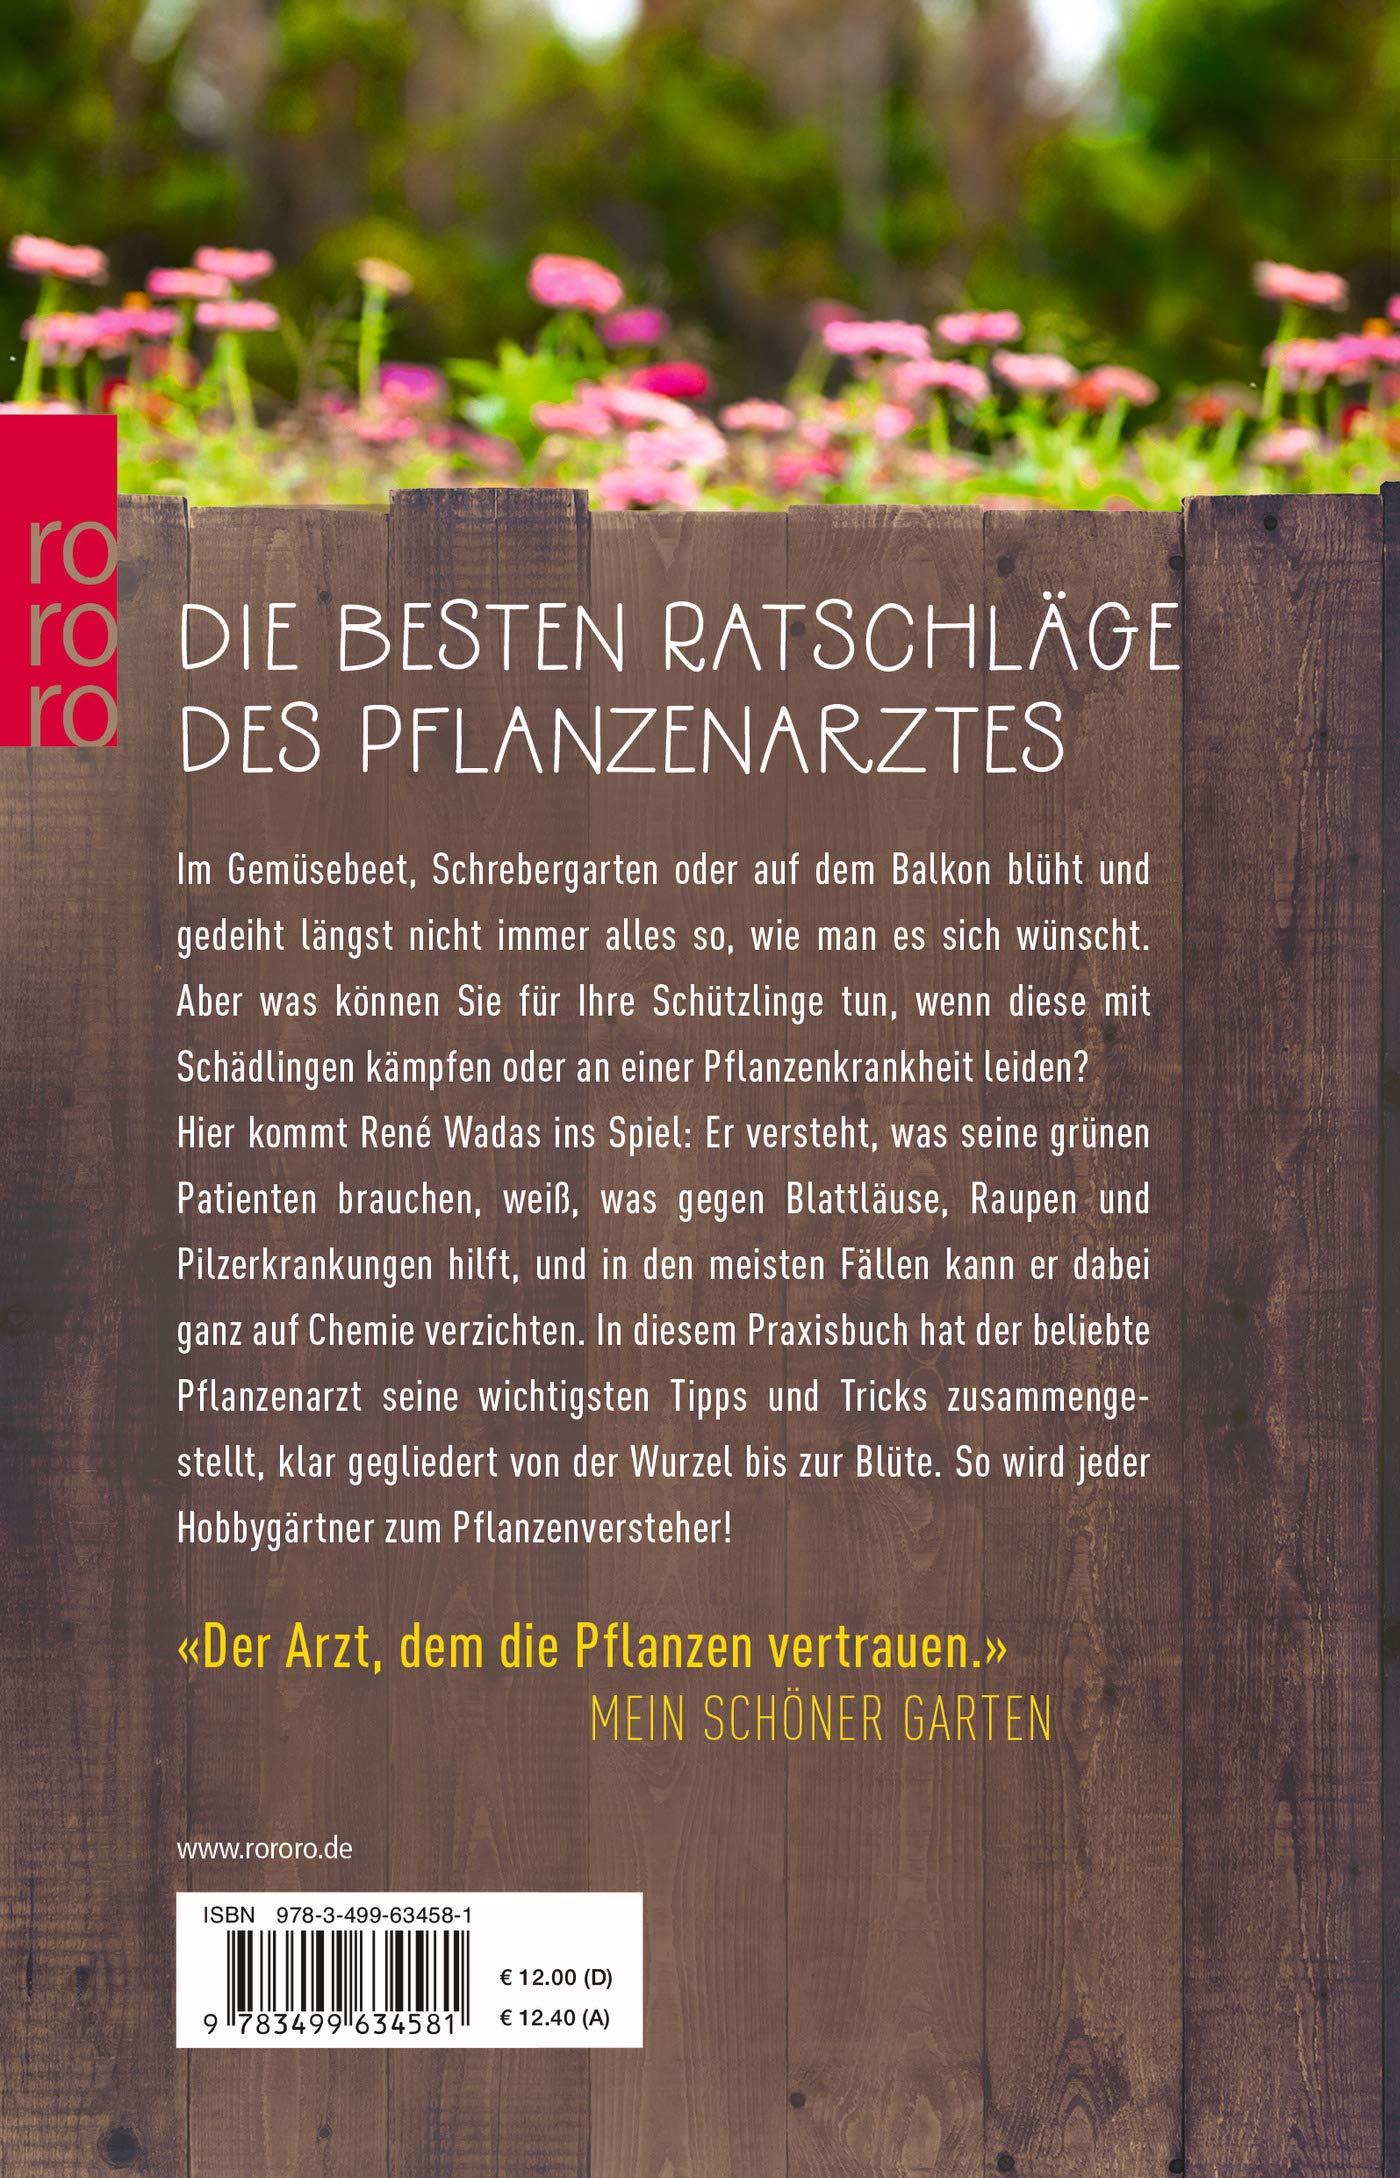 Der Pflanzenarzt Mein Grosses Praxisbuch Fur Garten Und Balkon Wadas Rene 9783499634581 Amazon Com Books